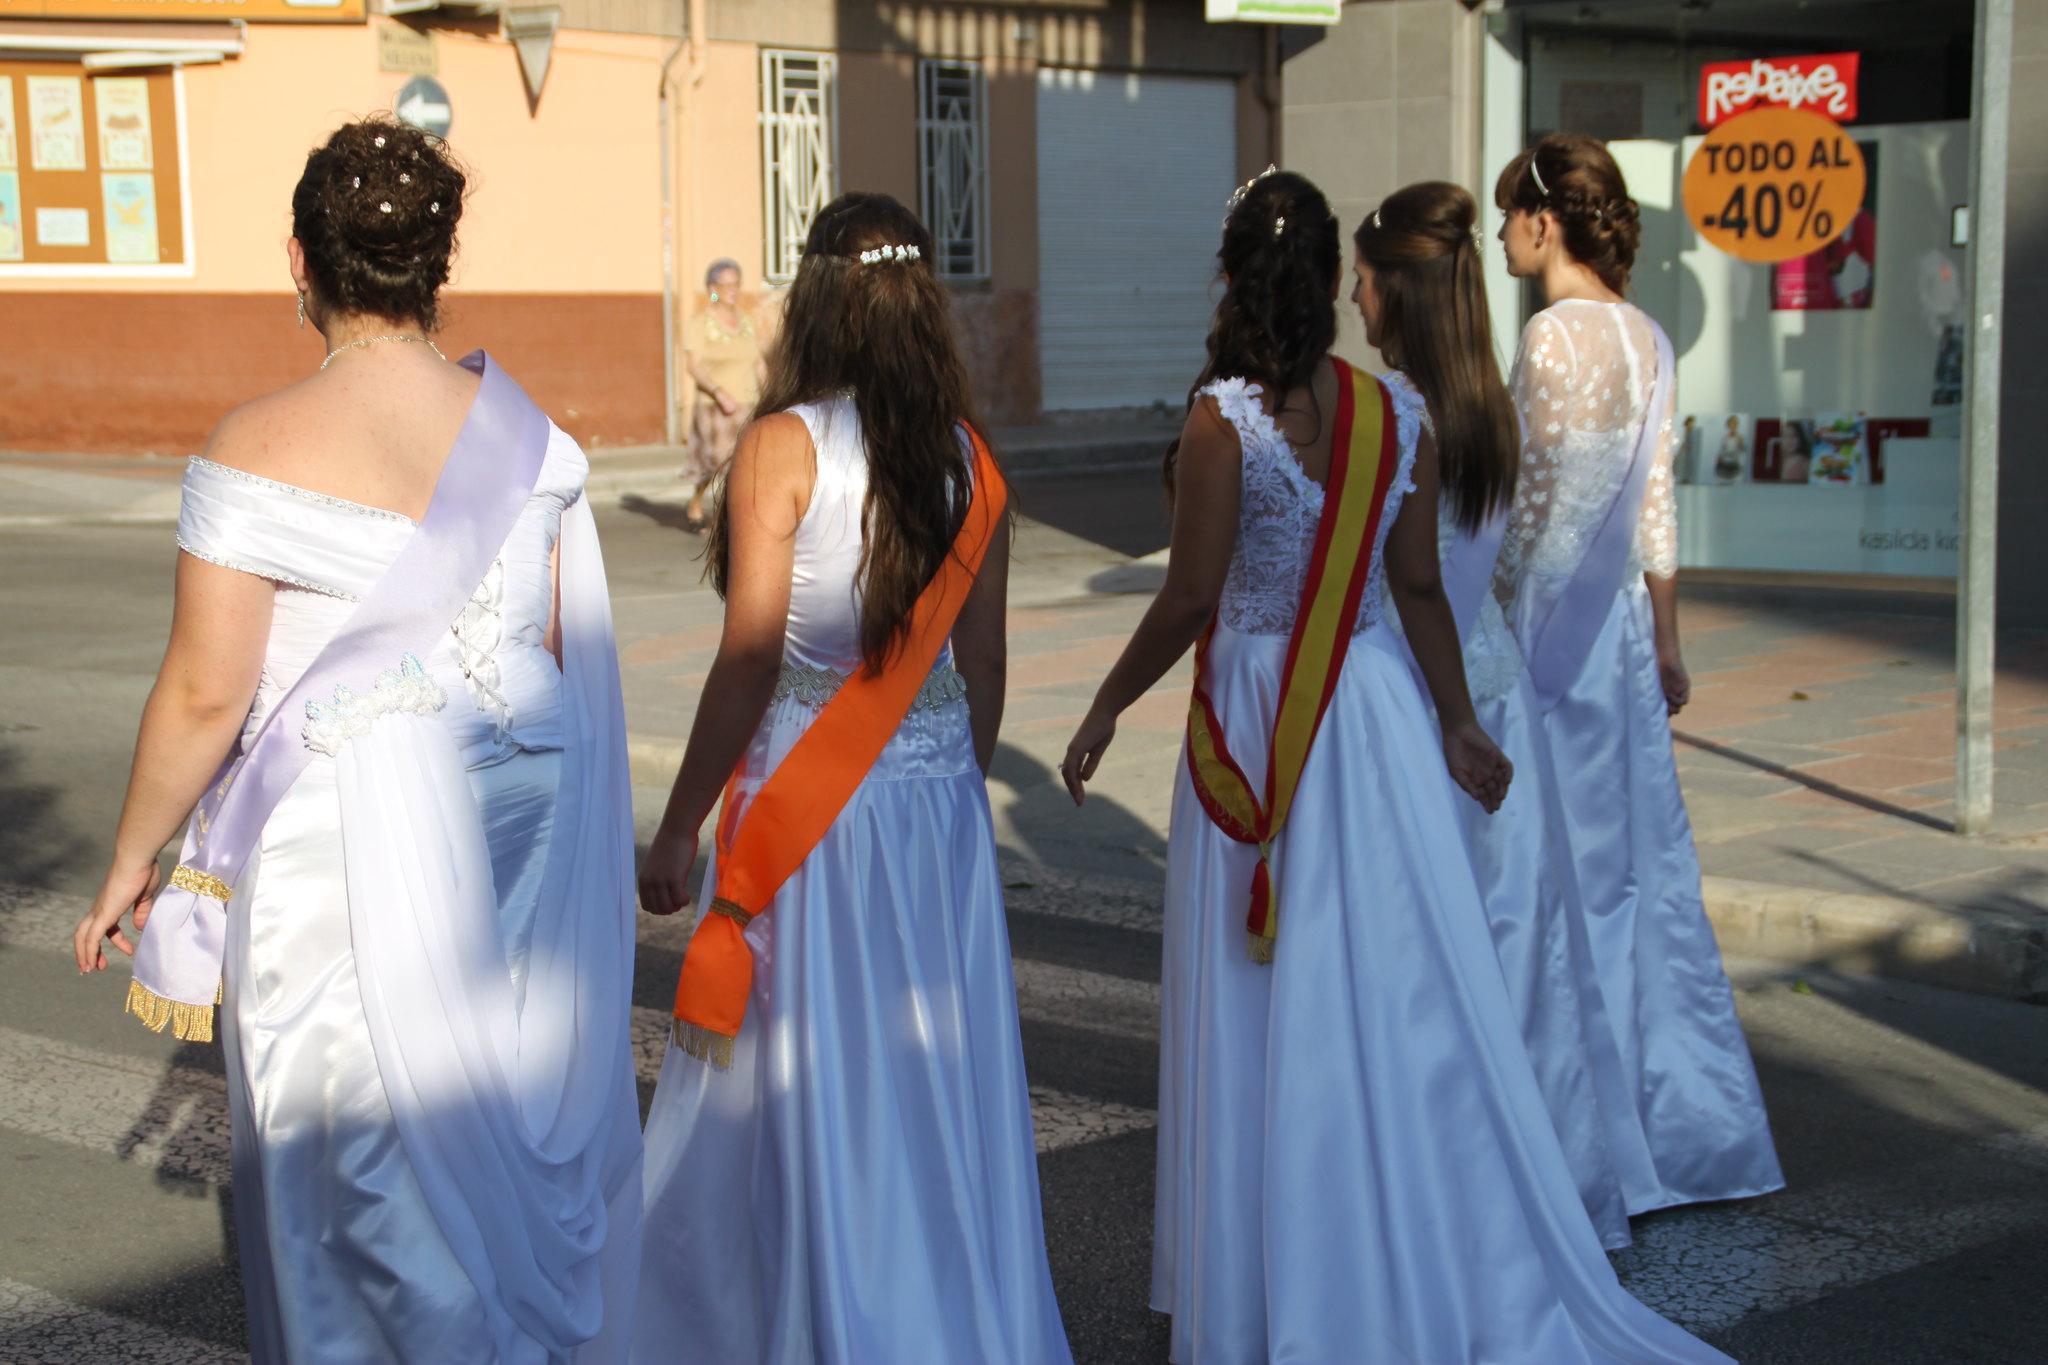 (2015-07-12) - Virgen del Carmen, parroquia La Santa Cruz - Javier Romero Ripoll (06)